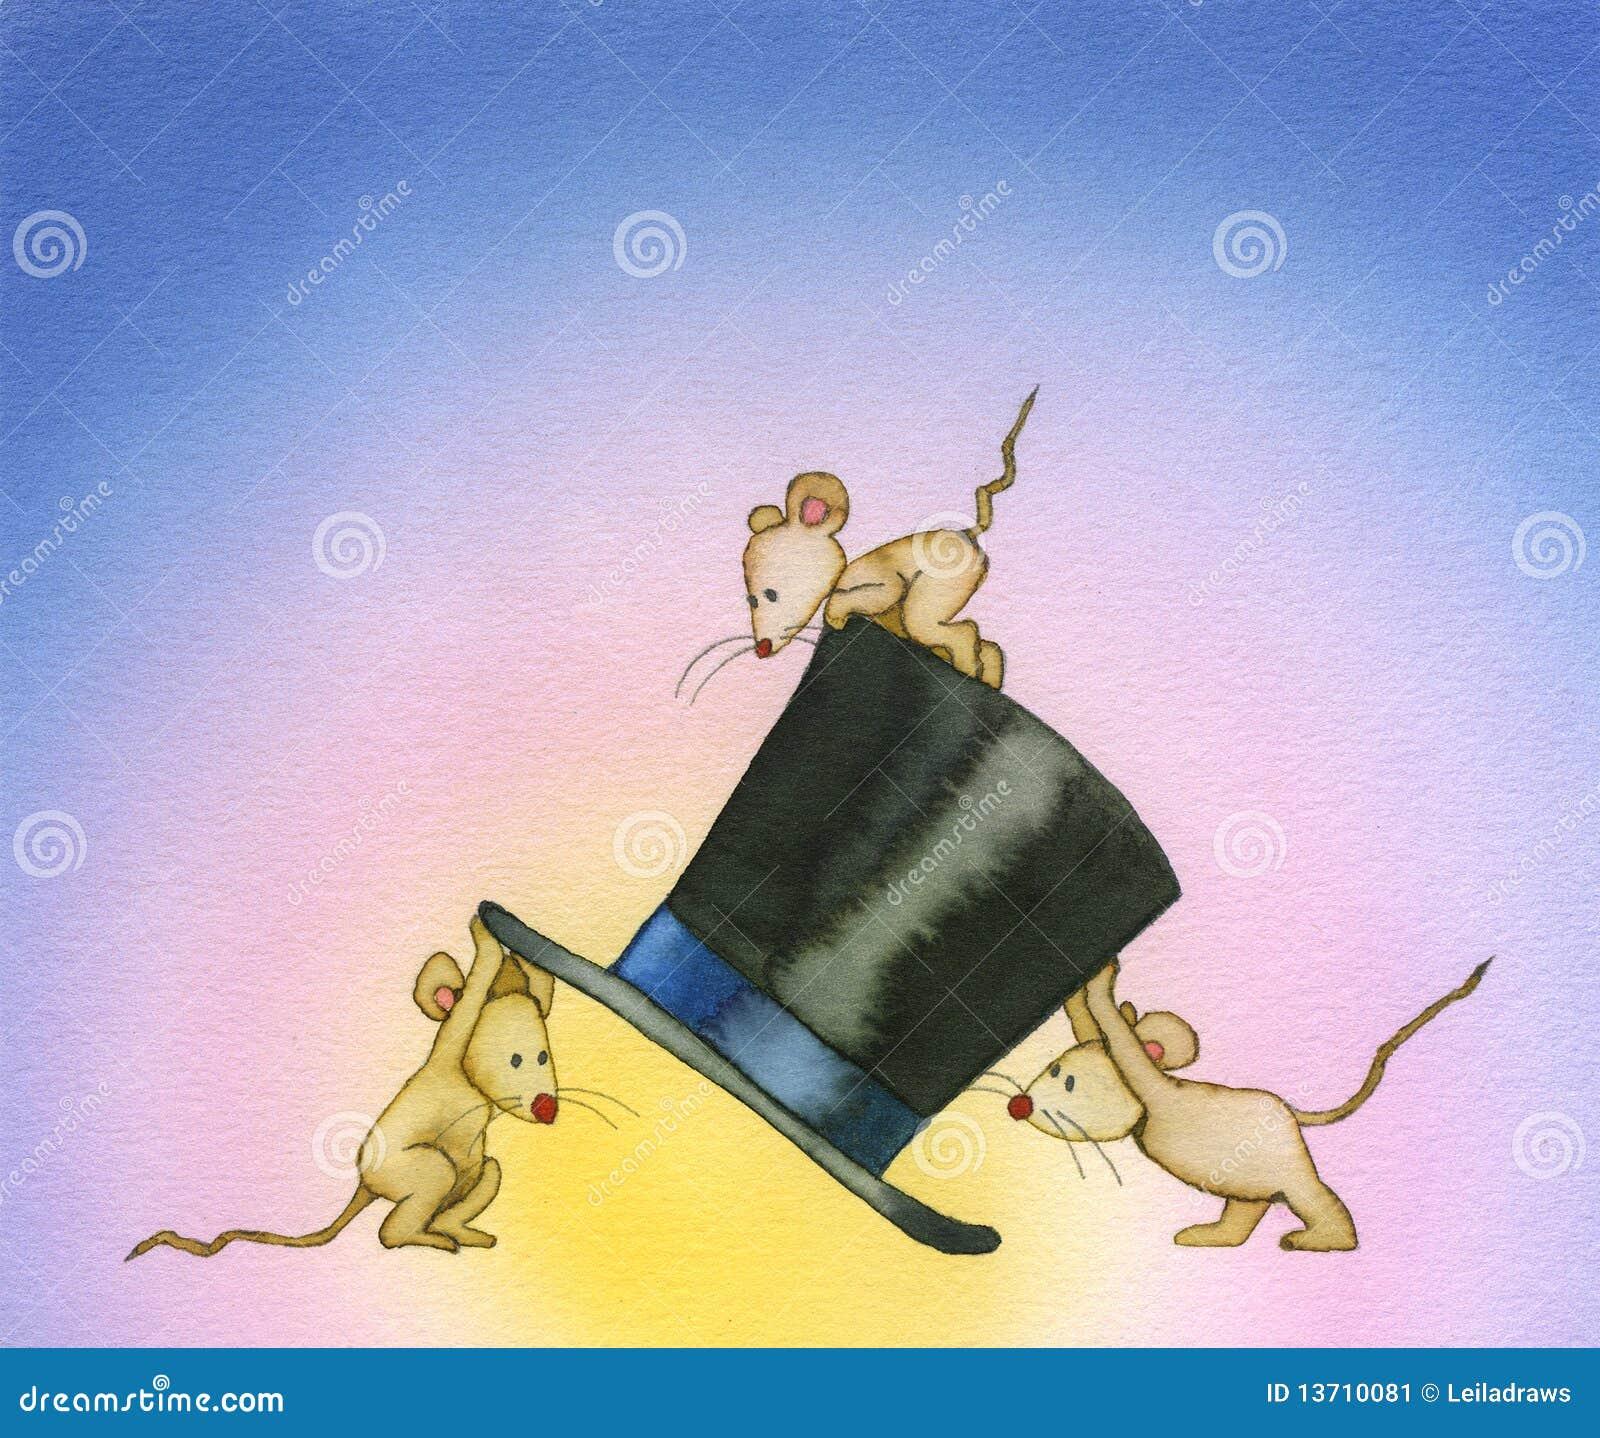 Fantastisch Draht Mäuse Kauen Bilder - Die Besten Elektrischen ...